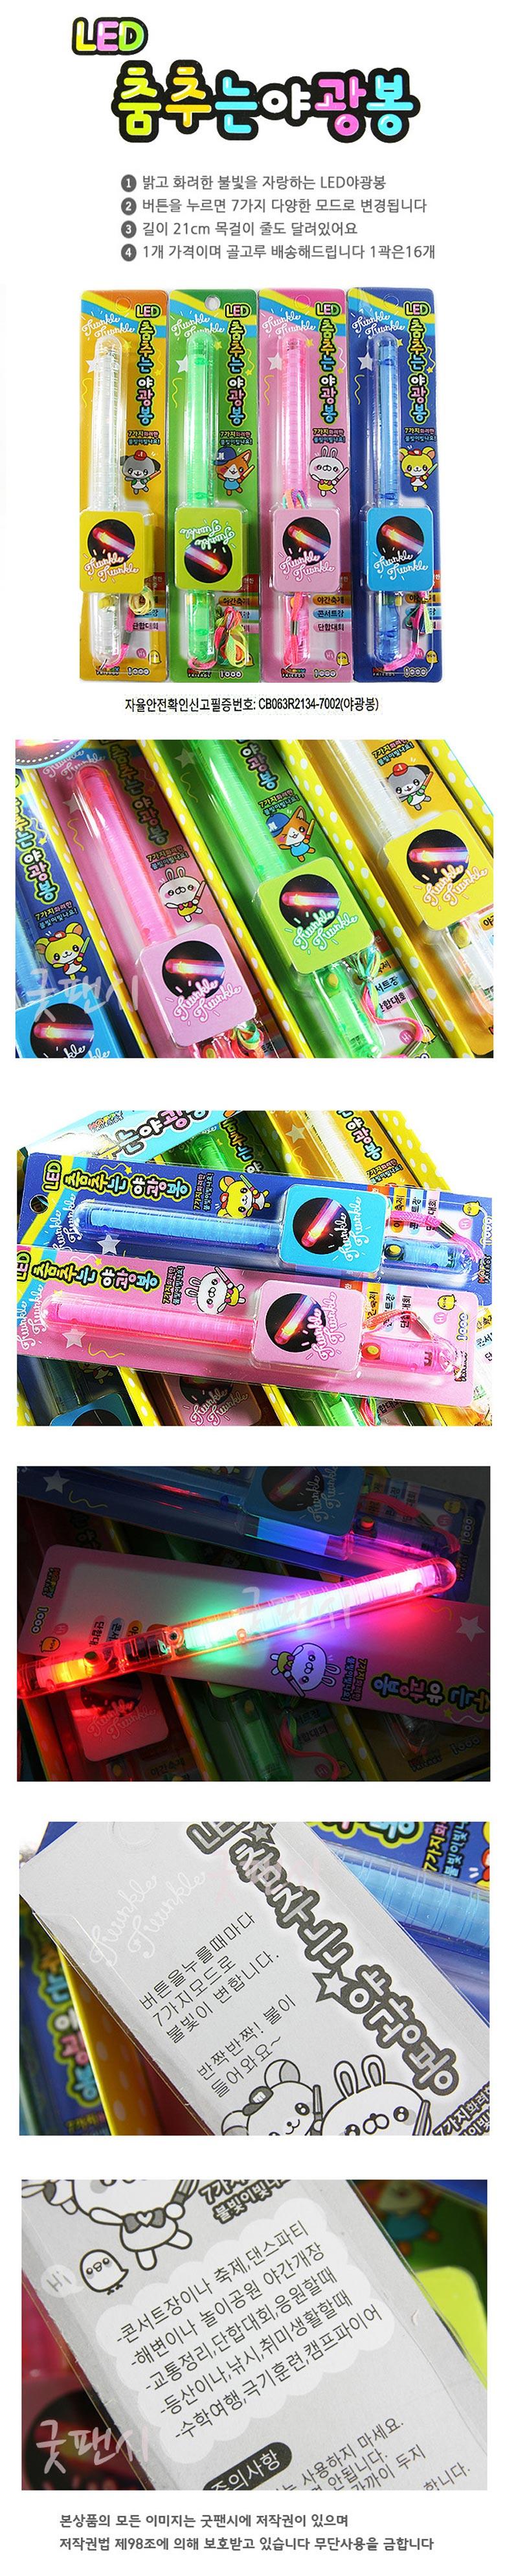 불빛파티봉/LED춤추는 야광봉 - 굿팬시, 1,000원, 파티용품, 펀/놀이용품